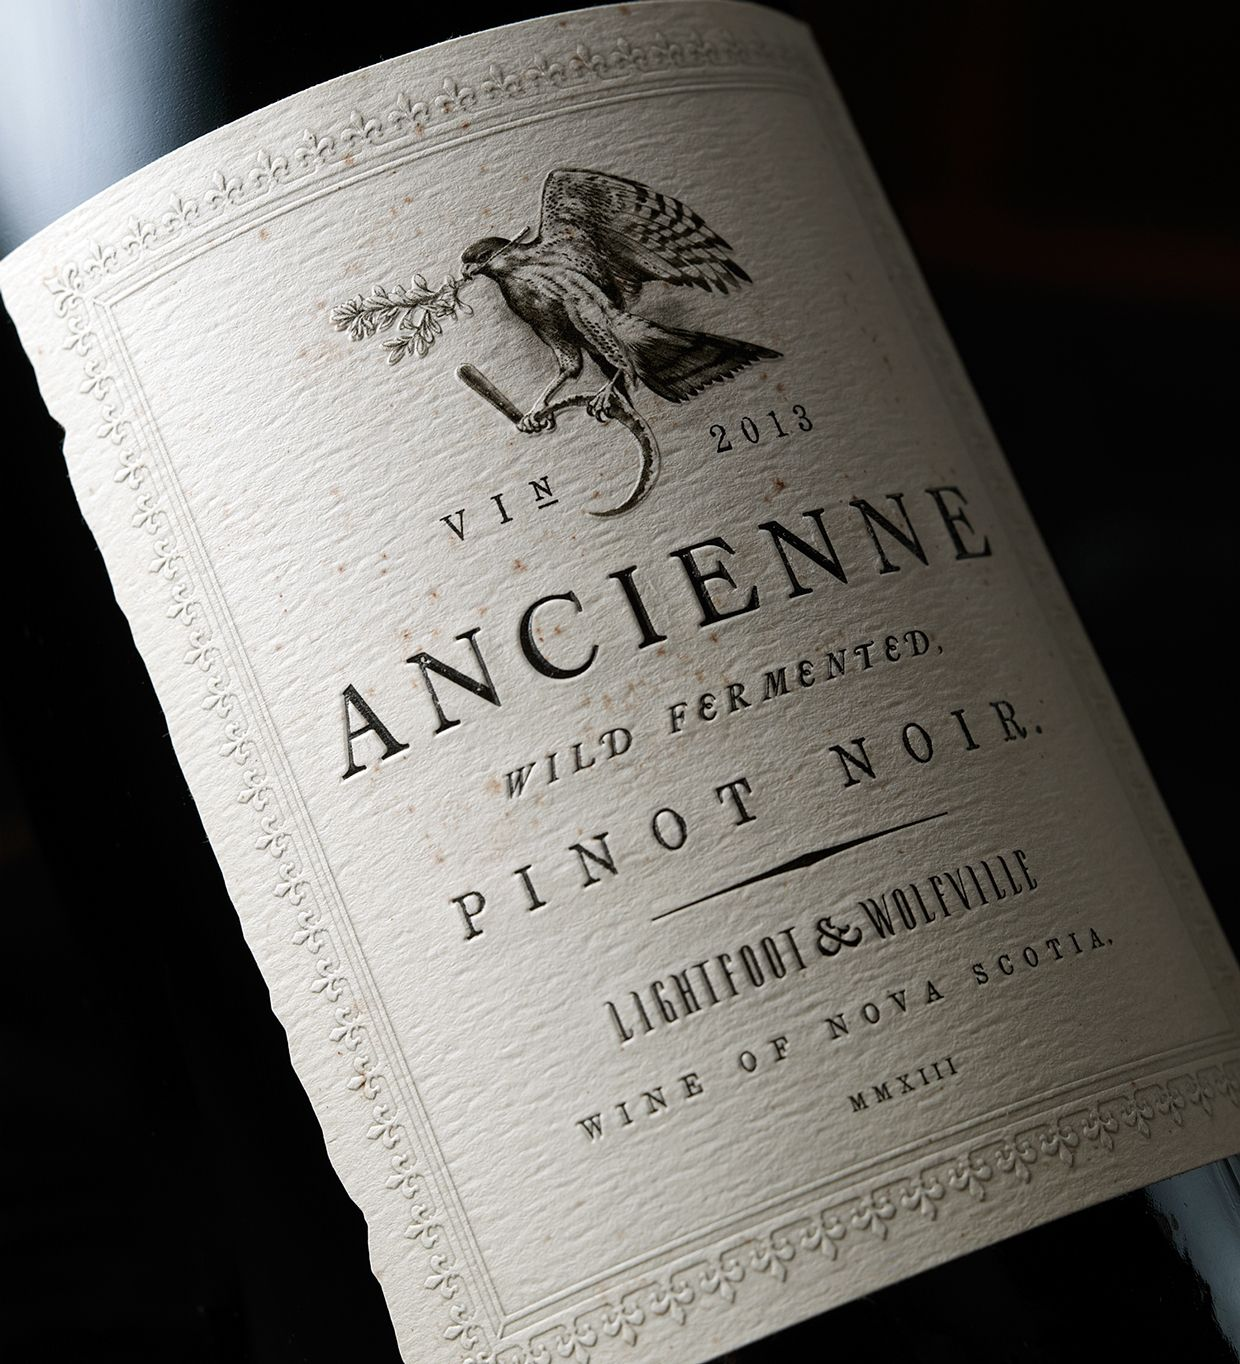 Ancienne on Behance Винный дизайн, Винные этикетки